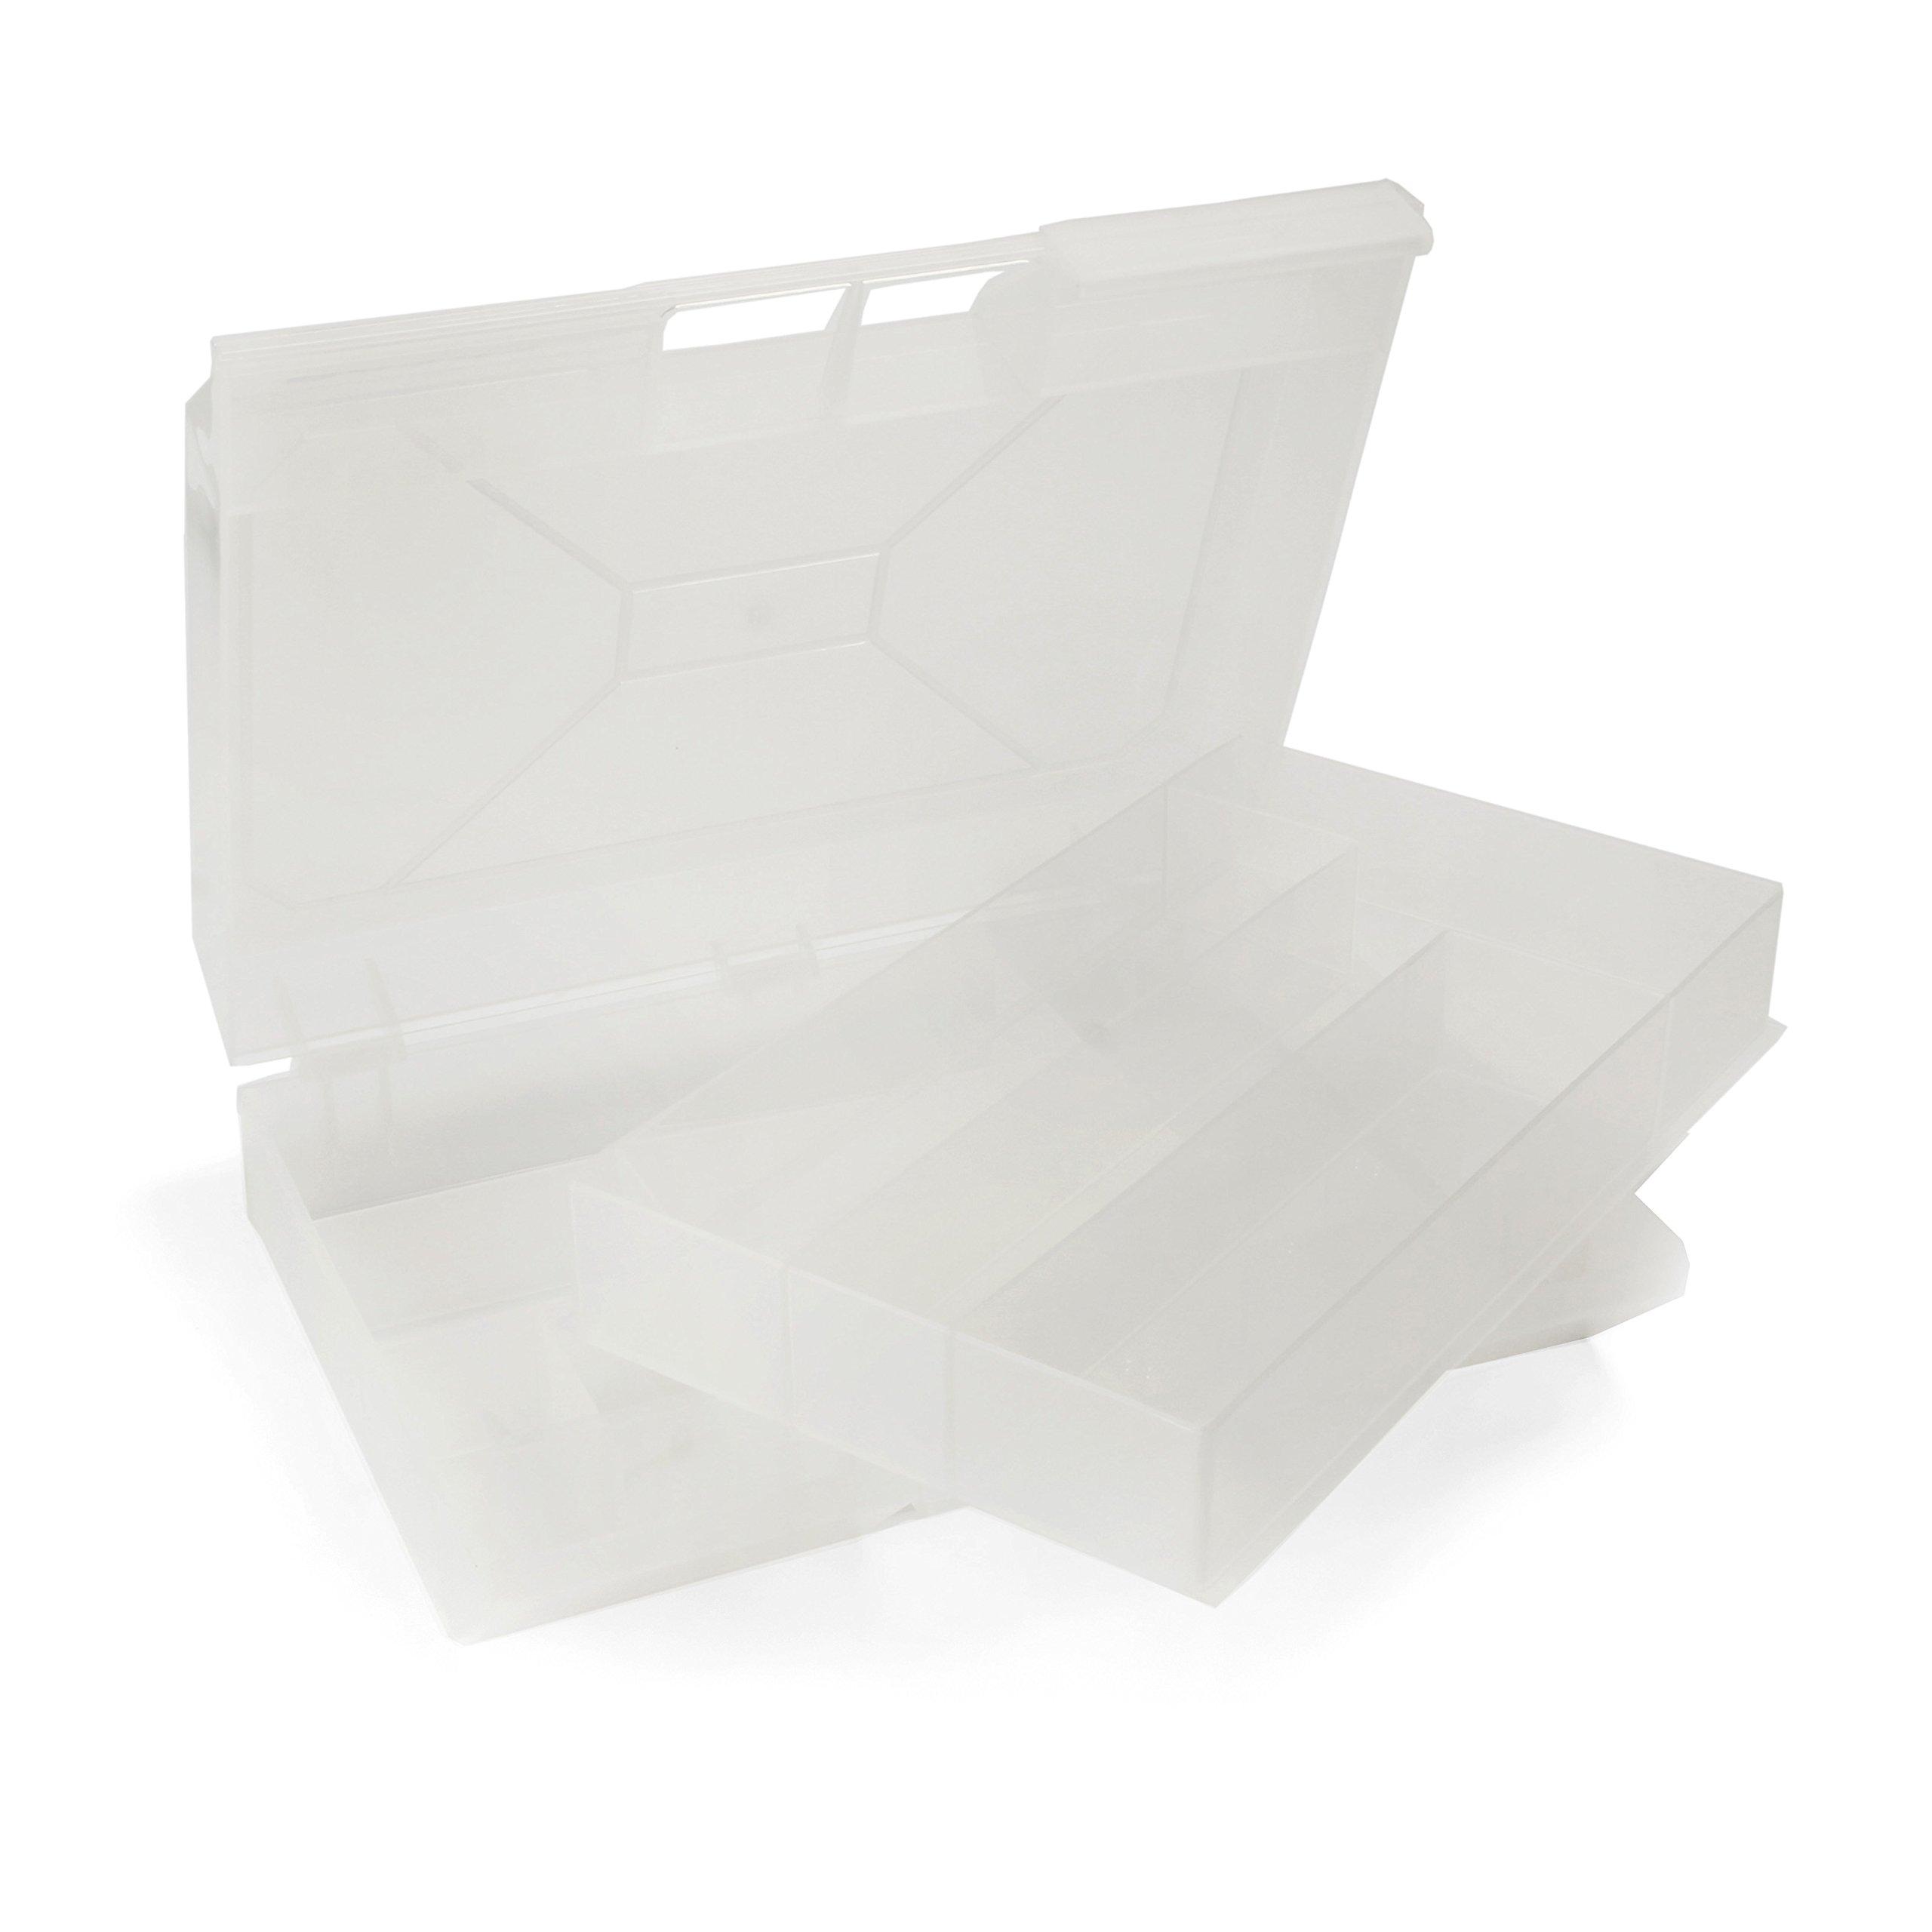 Cuentas directo 13Compartimiento 2capa caja de almacenamiento w/mango, transparente